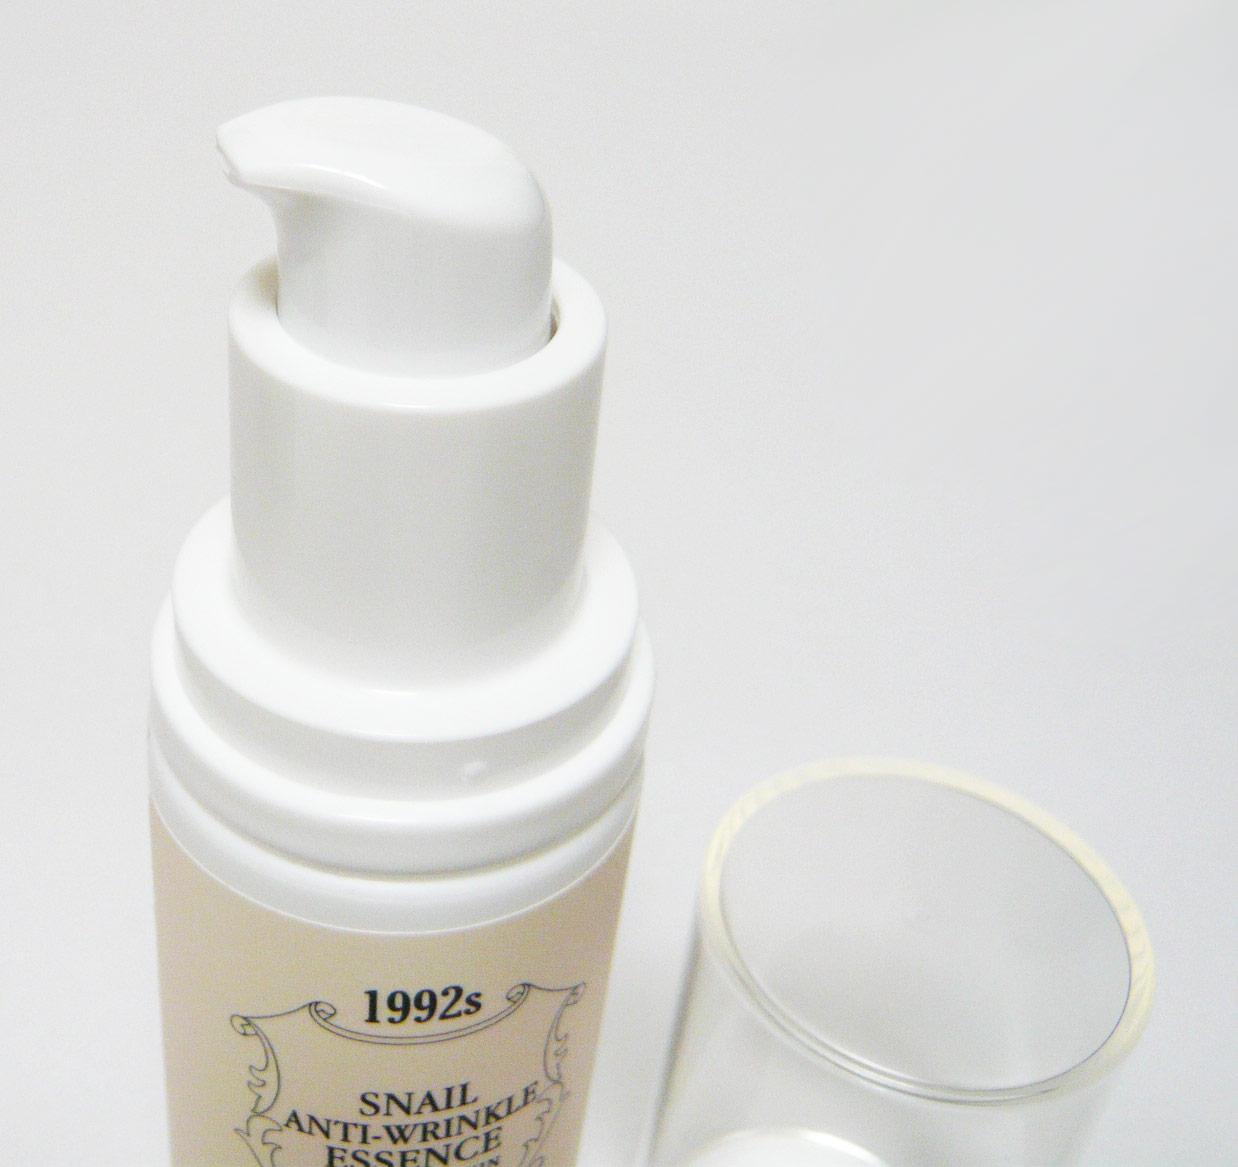 カタツムリエキスなどお肌再生成分の働きで、健康的でハリのあるお肌を作り上げる、低刺激性でべたつかない美容液